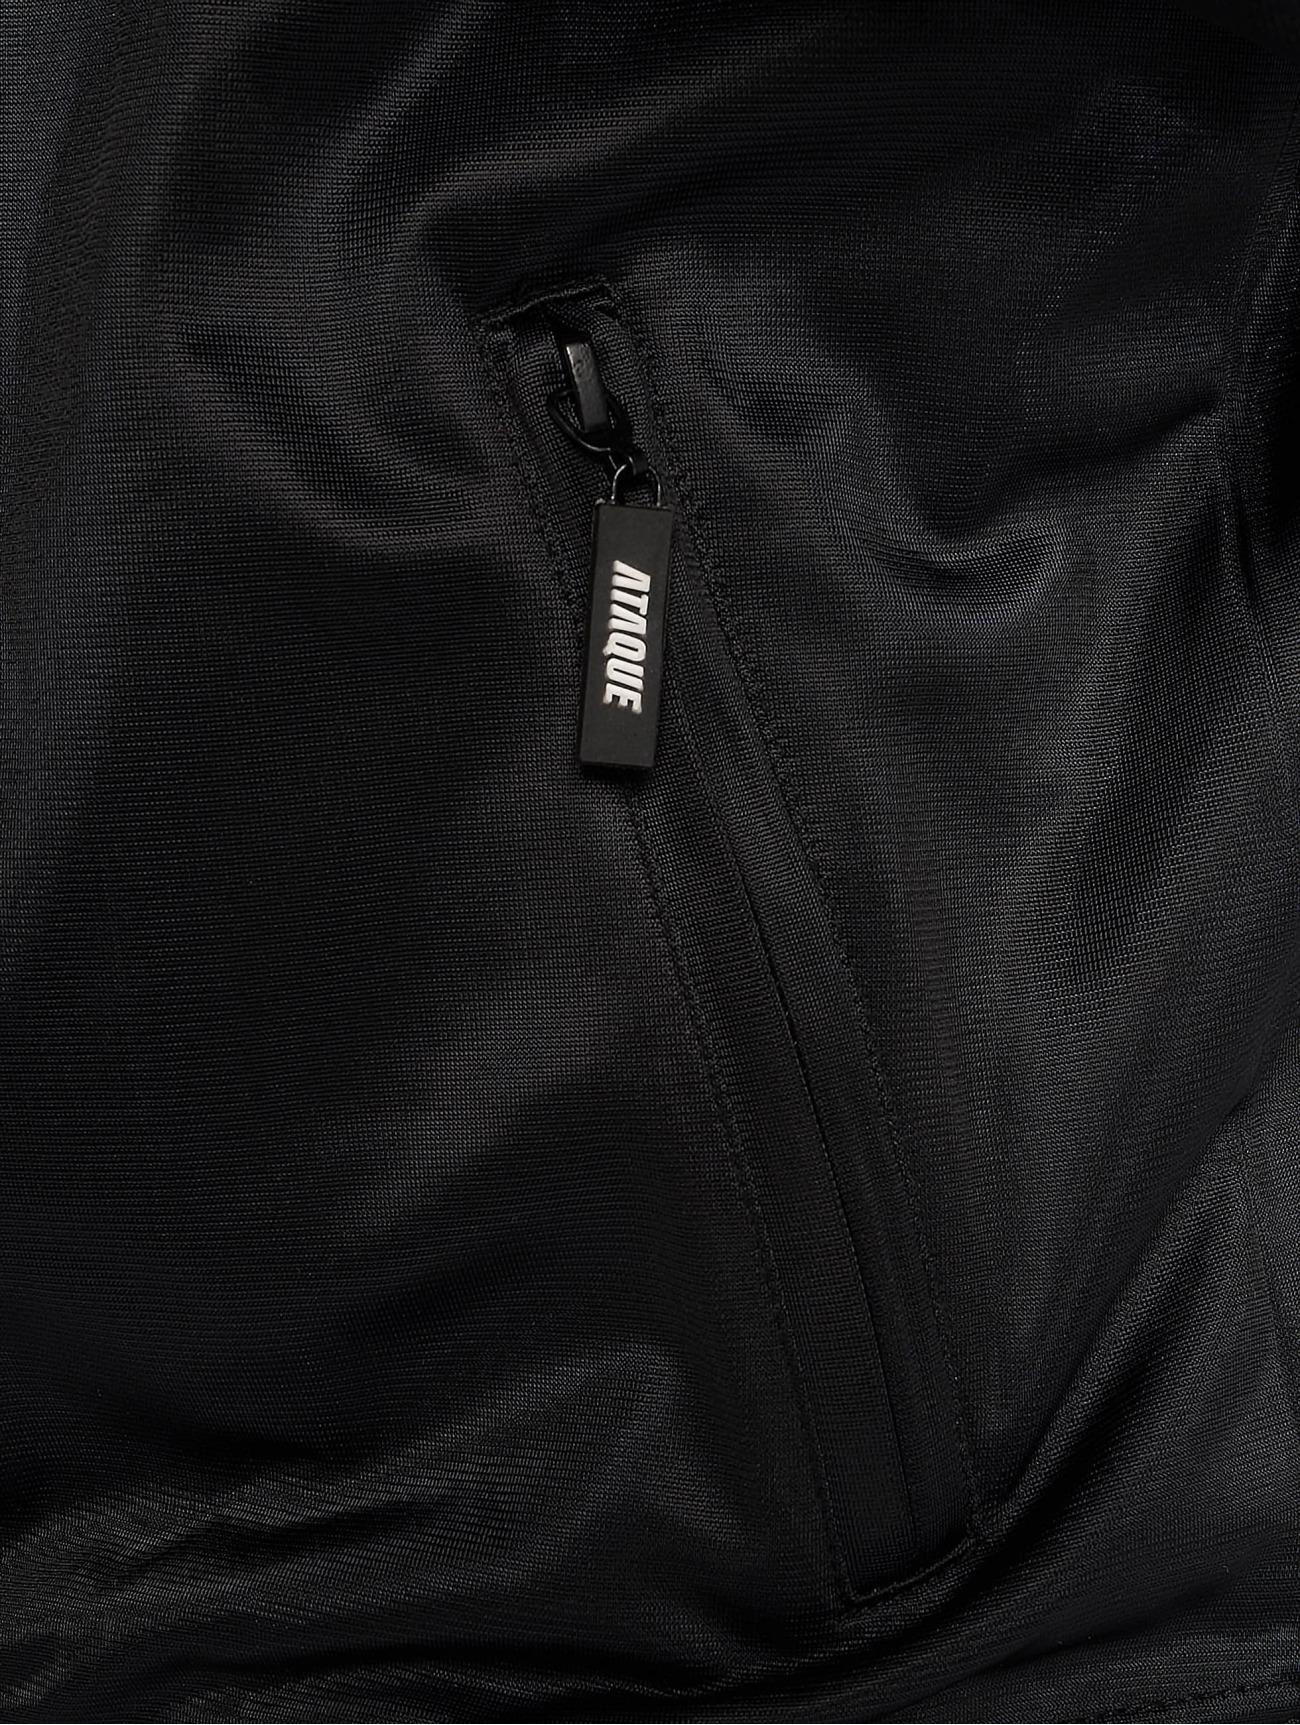 Ataque | Junin  noir Homme Veste mi-saison légère  489424| Homme Manteaux & Vestes